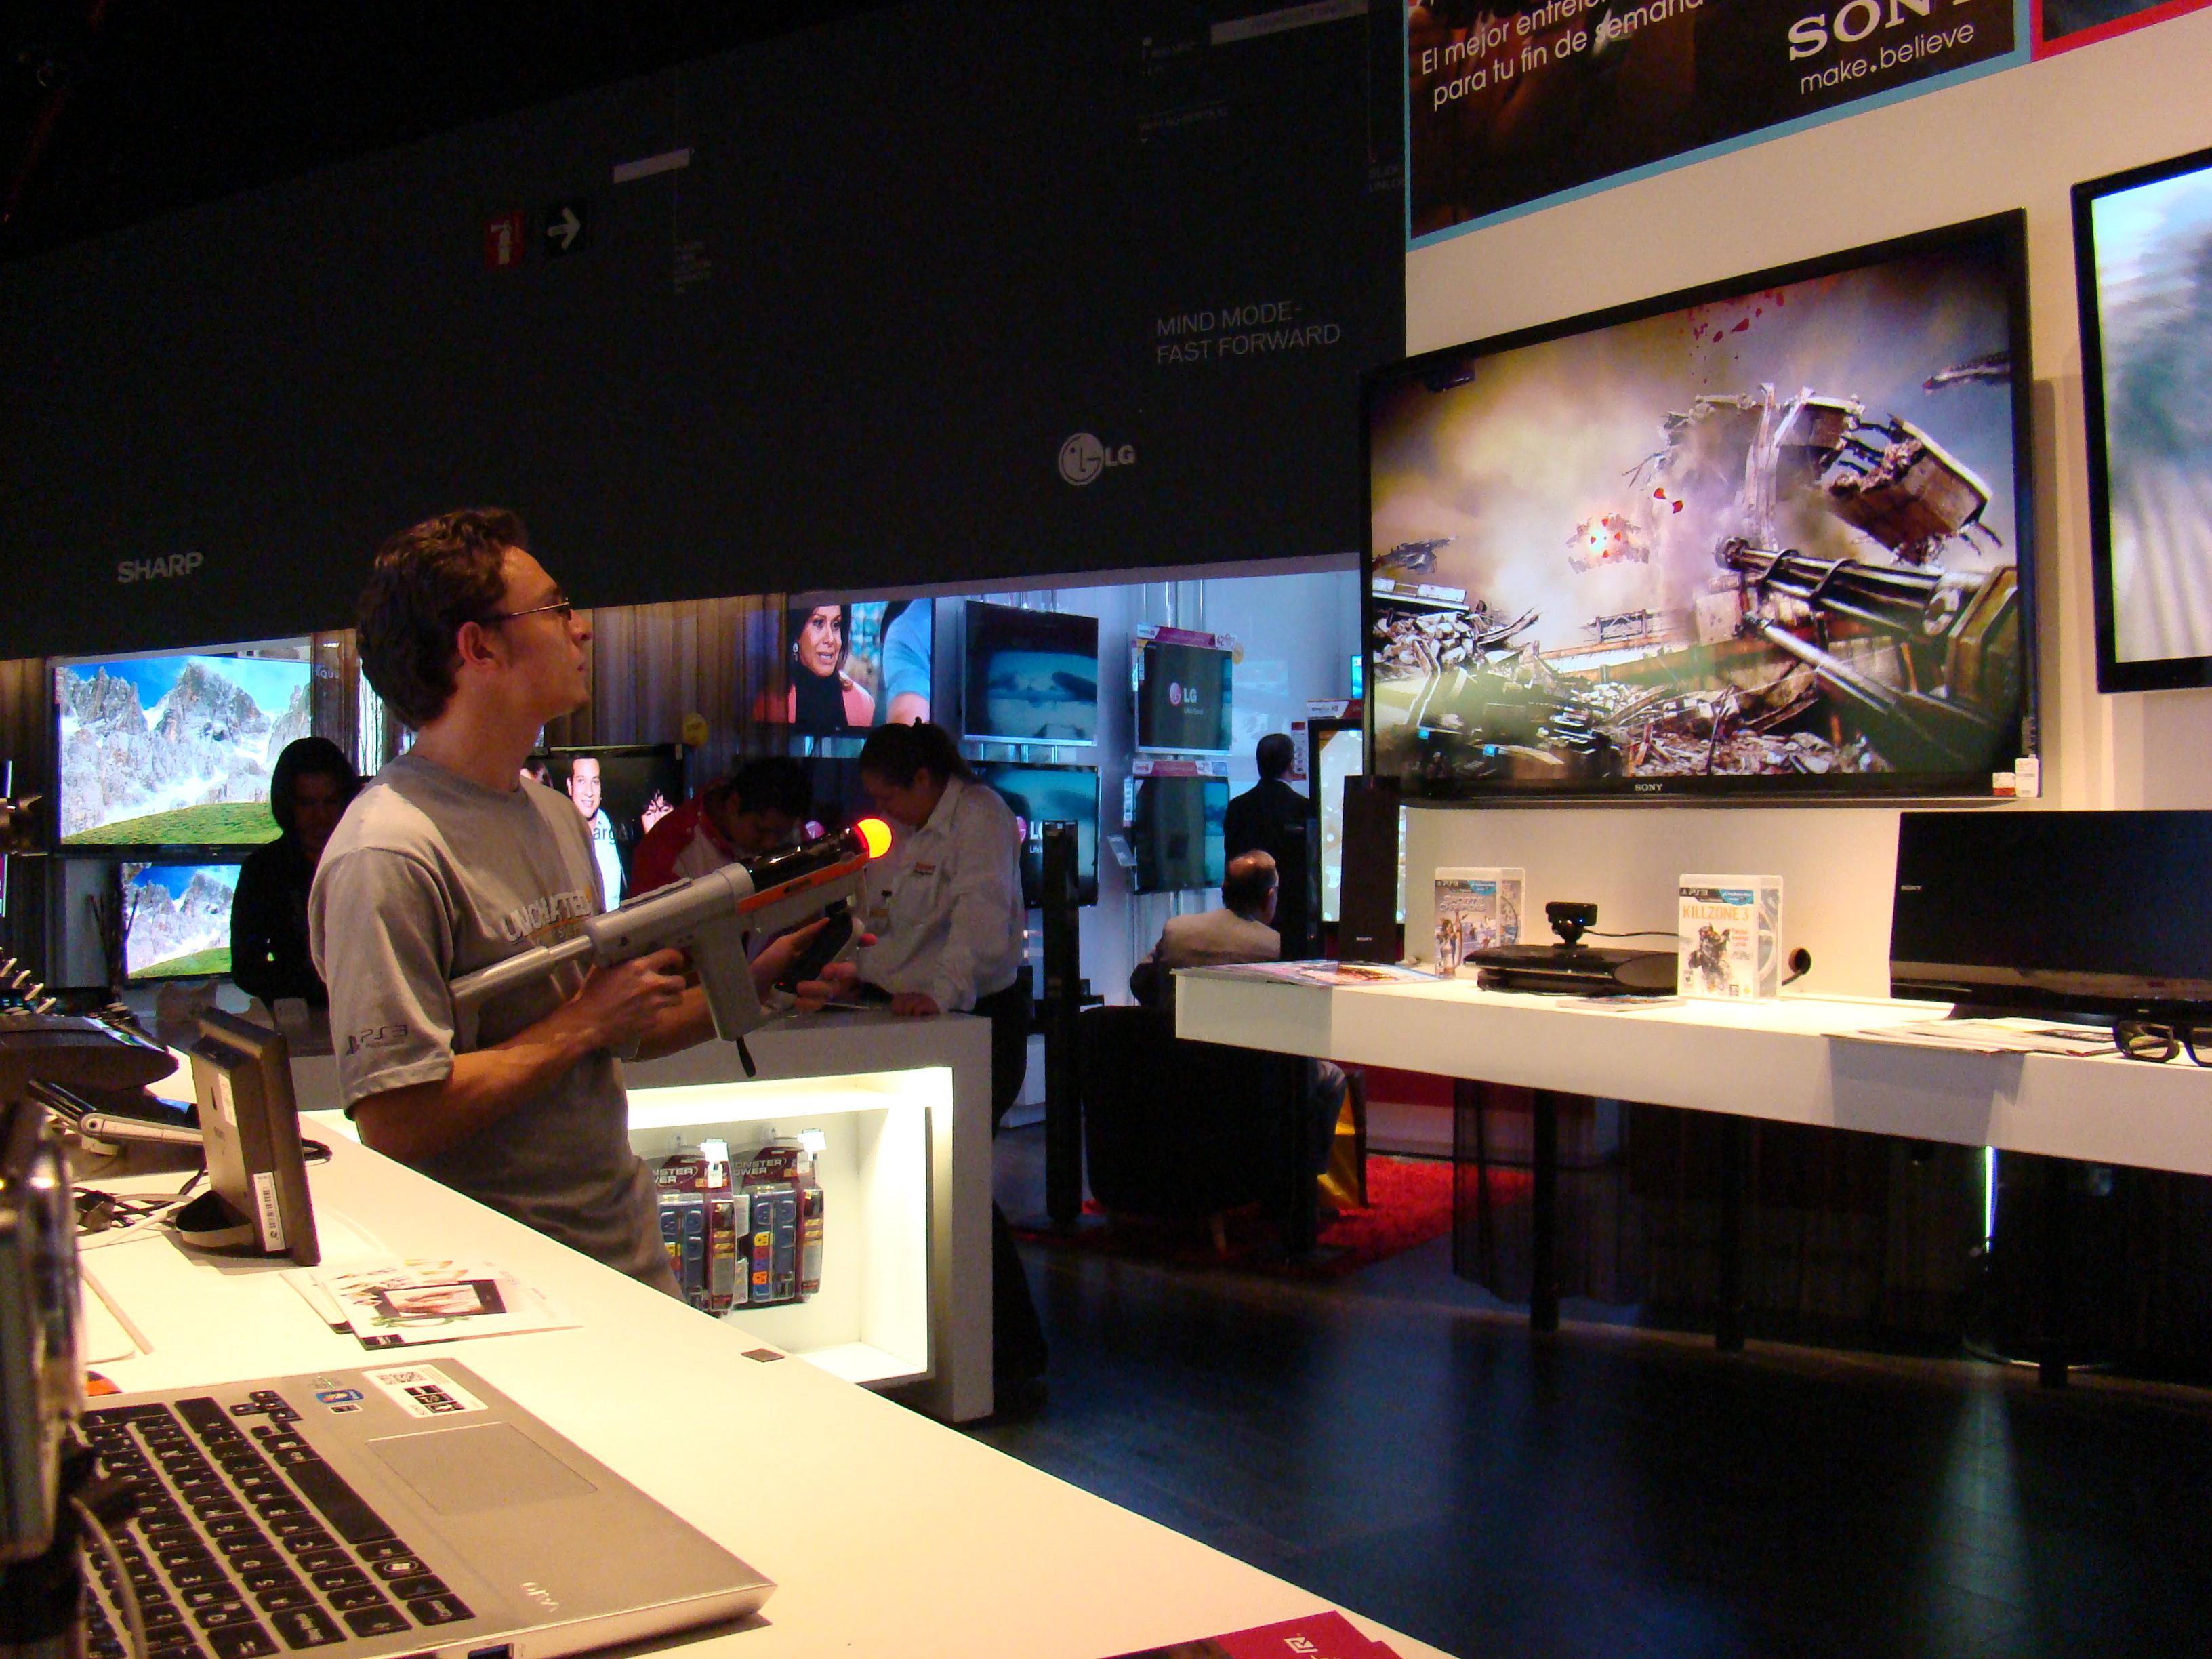 TechnoShow 2012 60